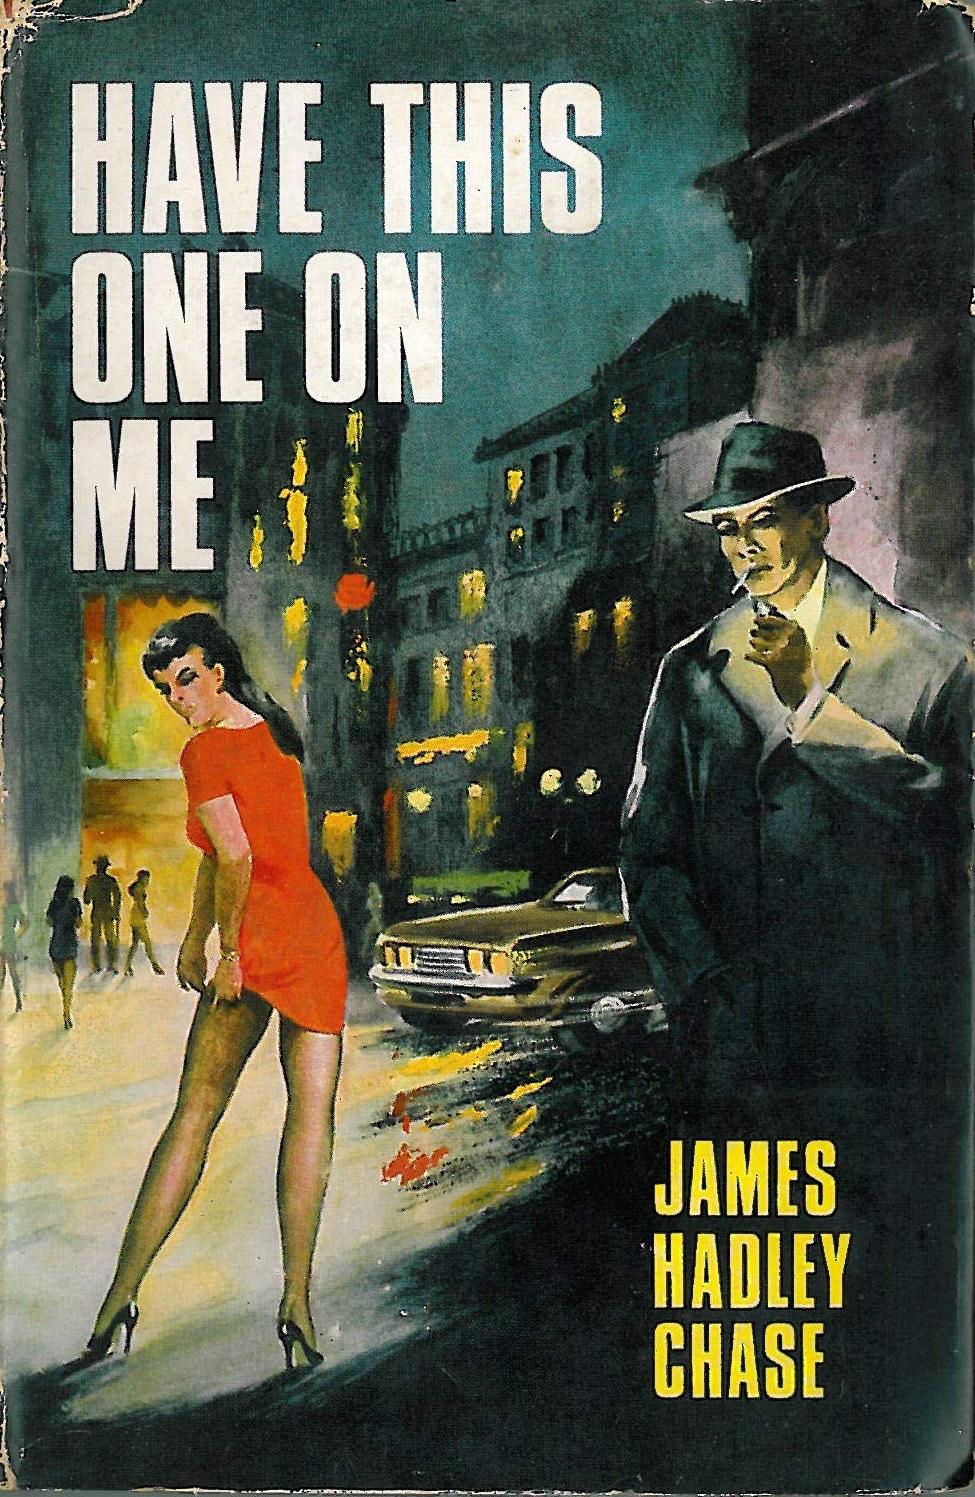 Джеймс Хэдли Чейз — Предоставьте это мне (1967)